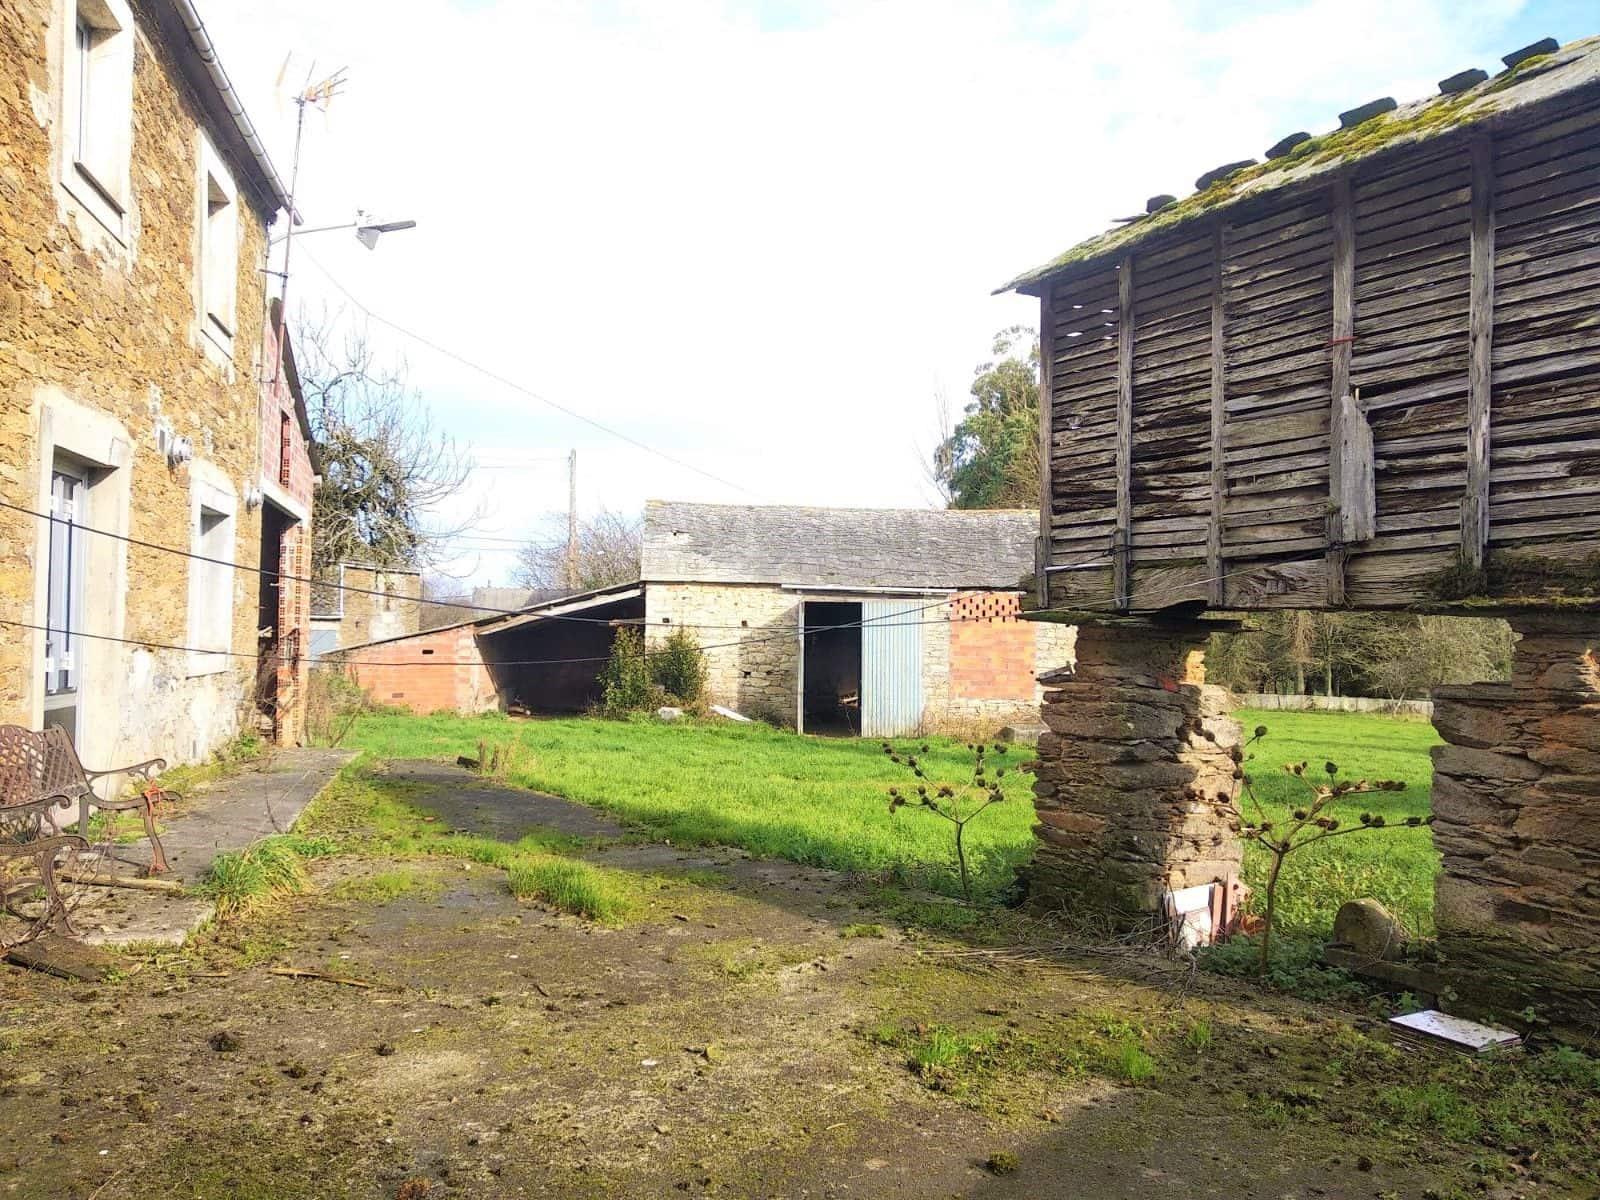 3 sypialnia Finka/Dom wiejski na sprzedaż w Cospeito z garażem - 129 000 € (Ref: 5635355)